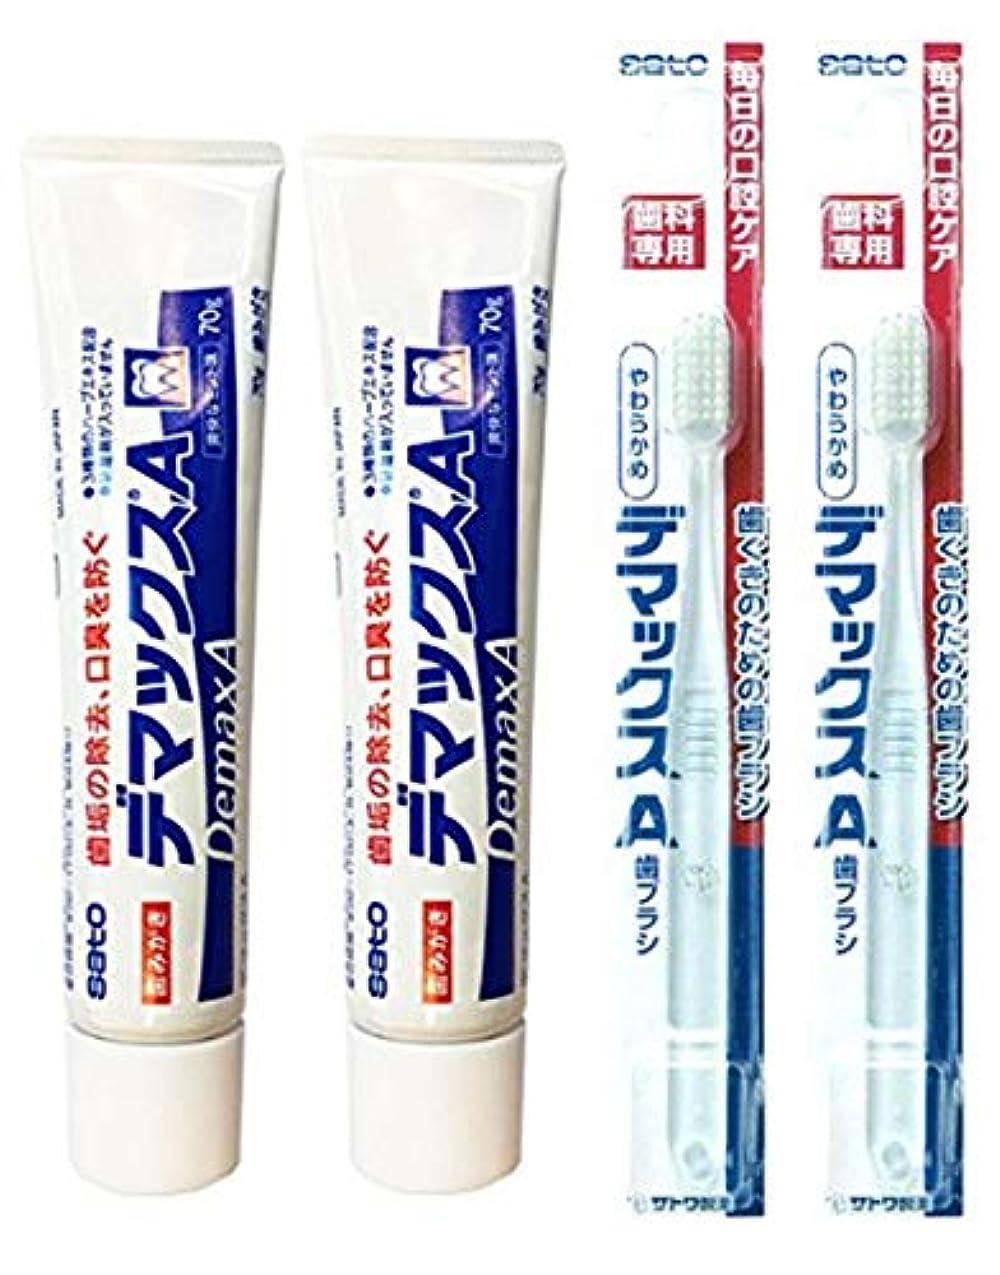 近傍最も遠いアシュリータファーマン佐藤製薬 デマックスA 歯磨き粉(70g) 2個 + デマックスA 歯ブラシ 2本 セット